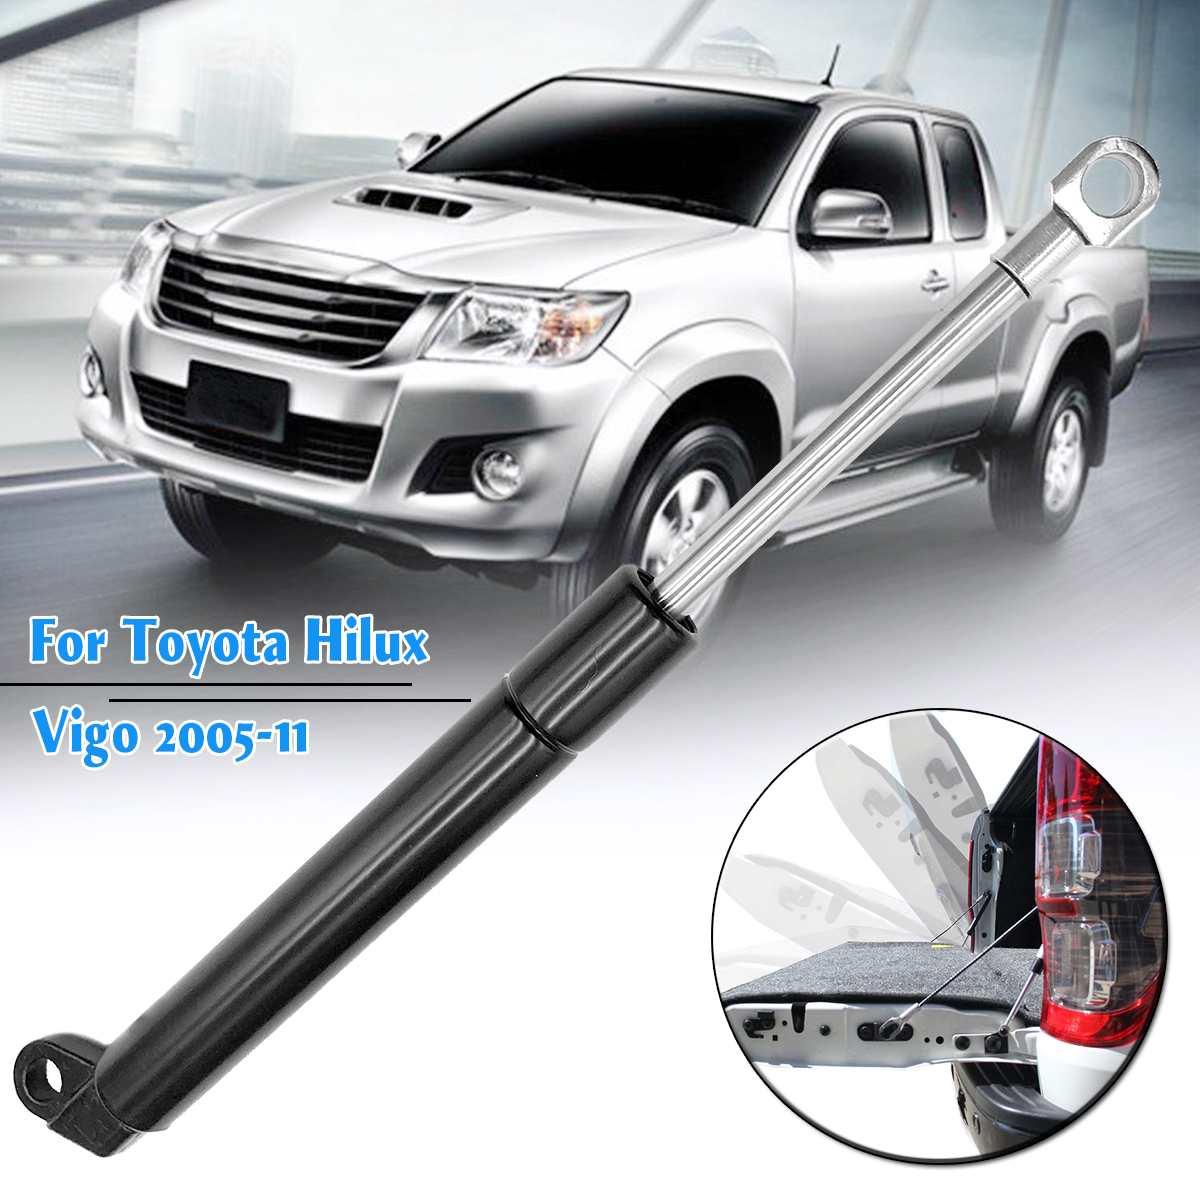 1 Uds portón trasero lento posterior tronco puerta trasera puntal amortiguador de Gas para Toyota Hilux Vigo, 2005, 2006, 2007, 2008, 2009, 2010, 2011